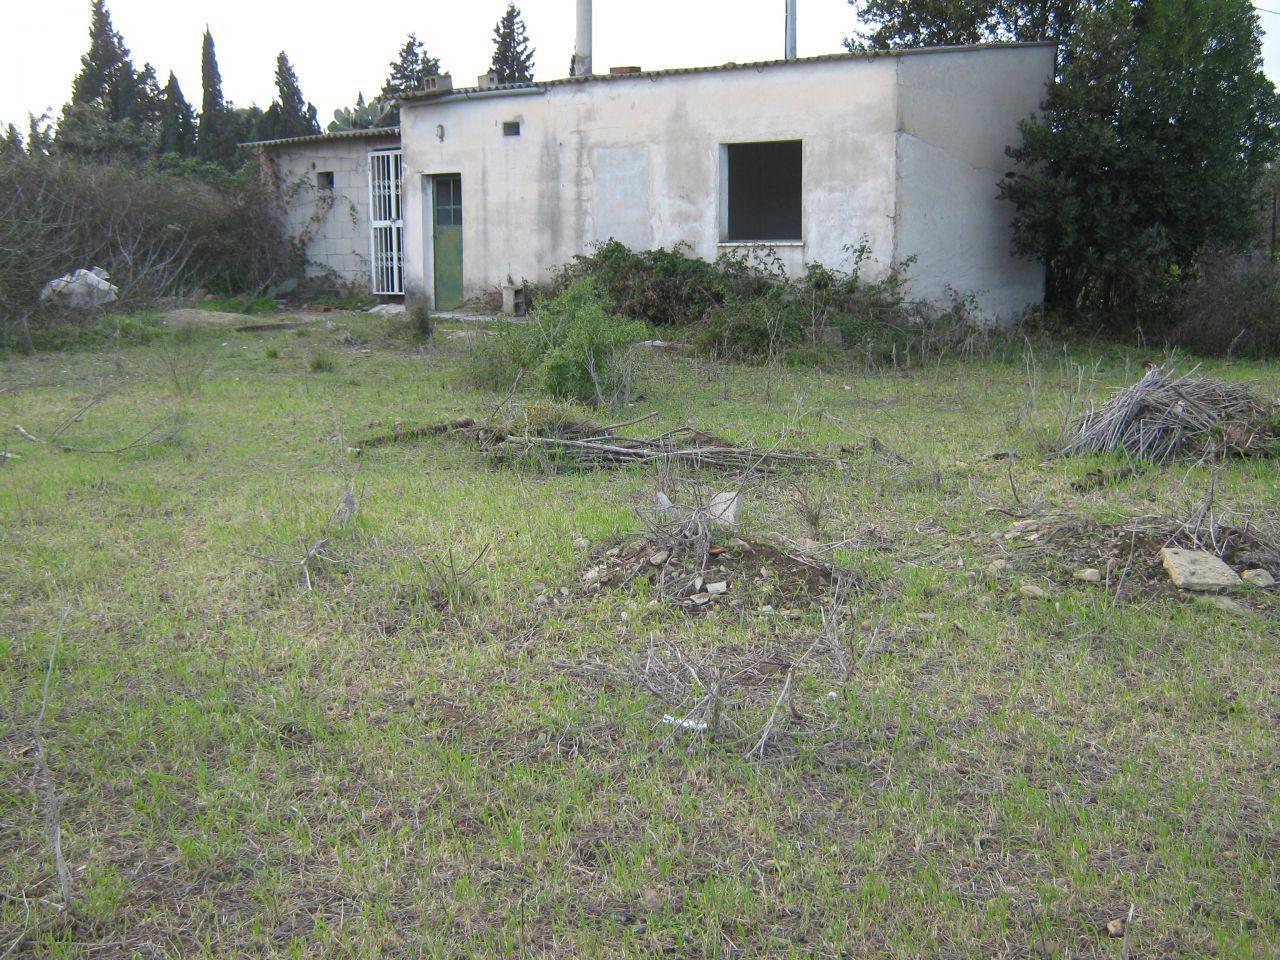 Villa in vendita a Assemini, 2 locali, prezzo € 35.000 | Cambio Casa.it